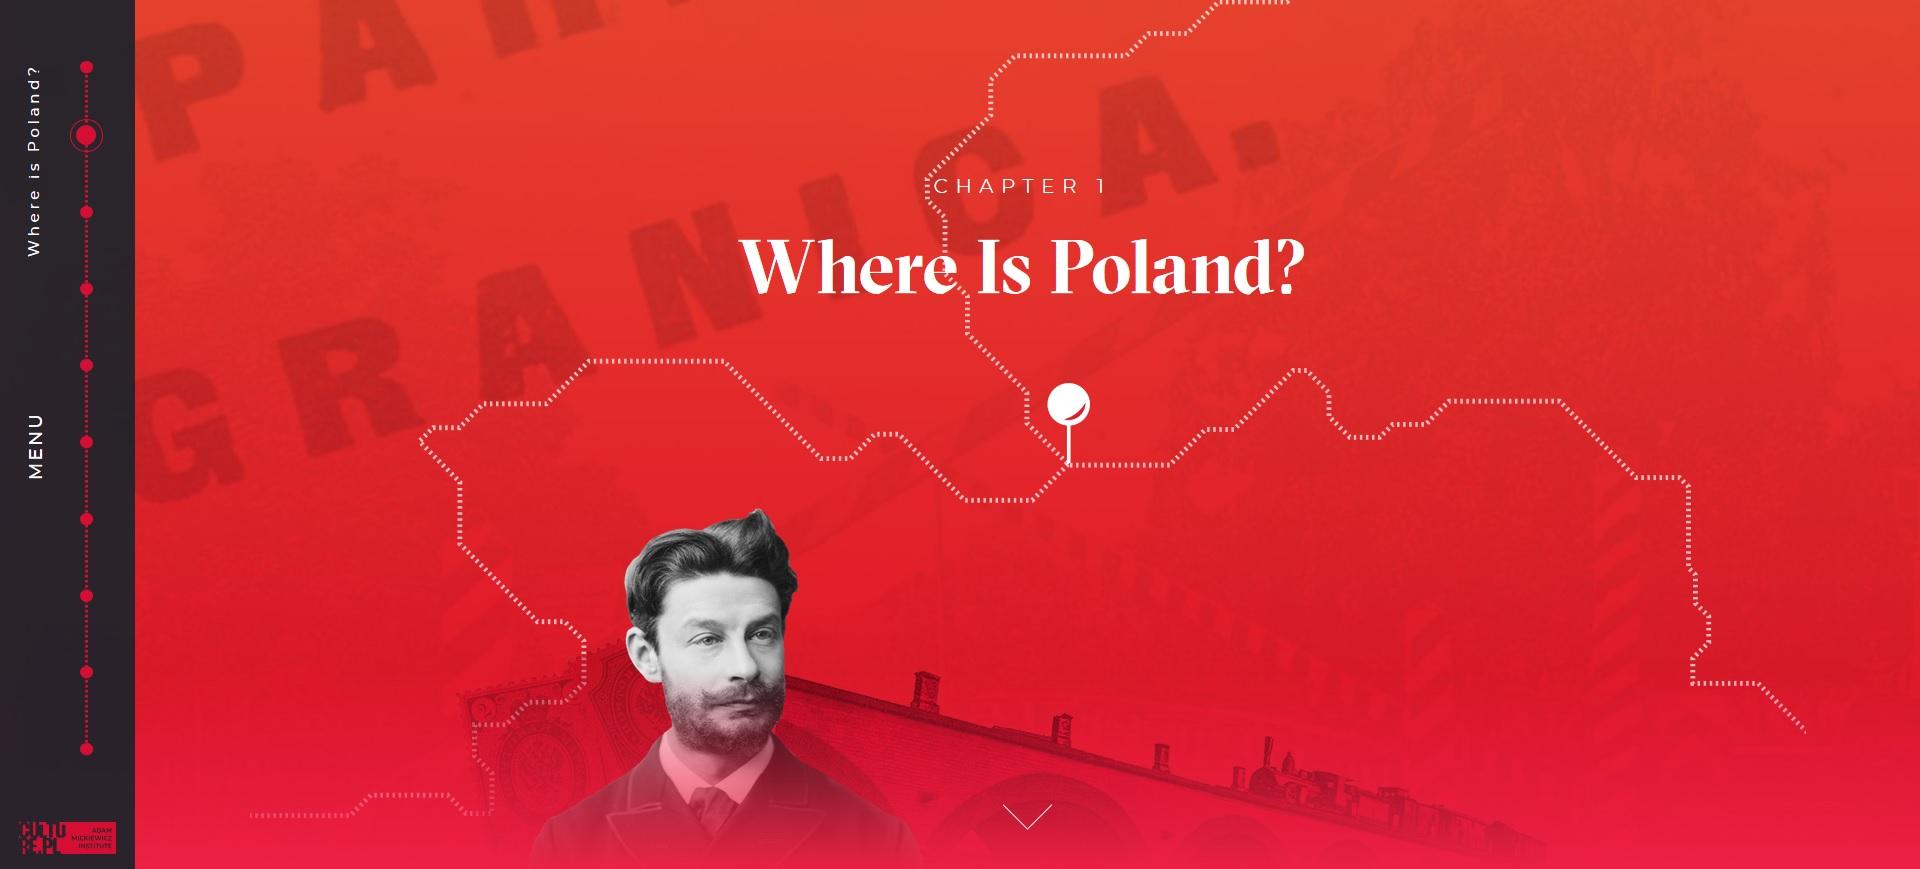 na czerwonym tle rozrzucone: sylwetka mężczyzny i fragment mapy